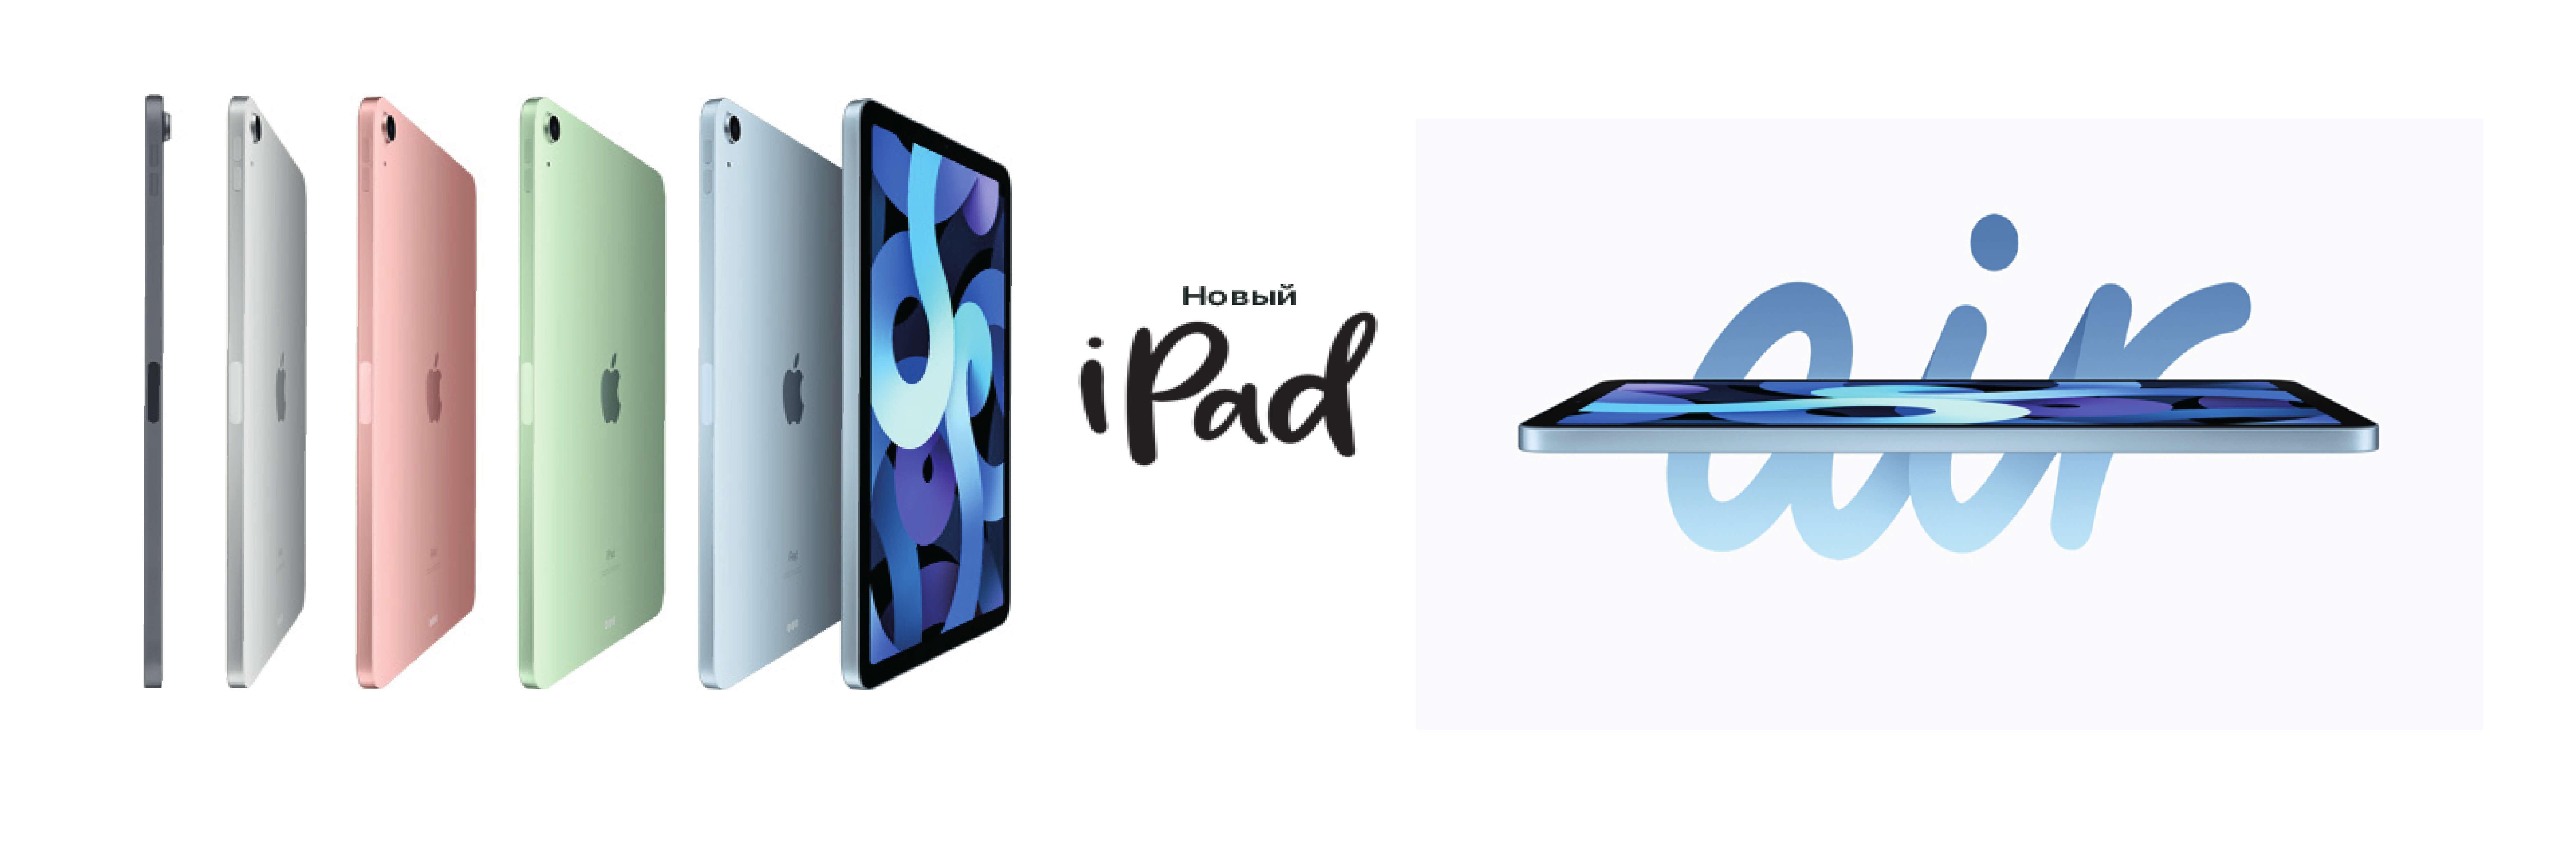 ipad_air__bew5mrs0rwqa_medium-New-iPad